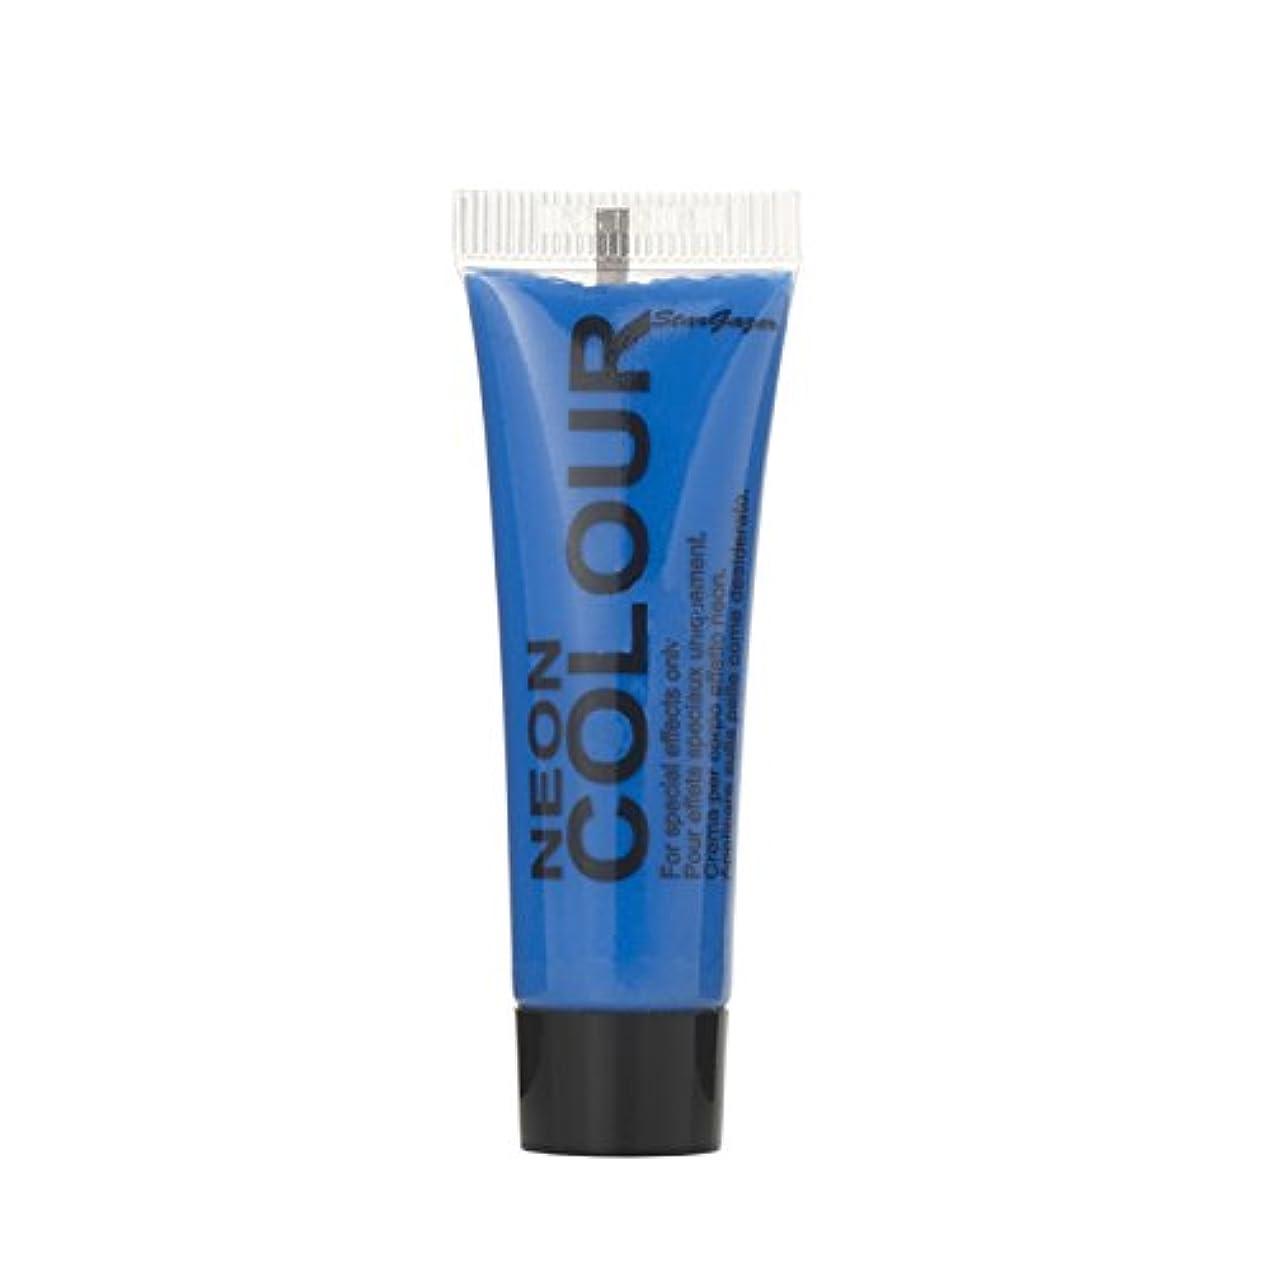 気分モニカ結核アレス スターゲイザー ネオンペイント 10ml ブルー(UV)